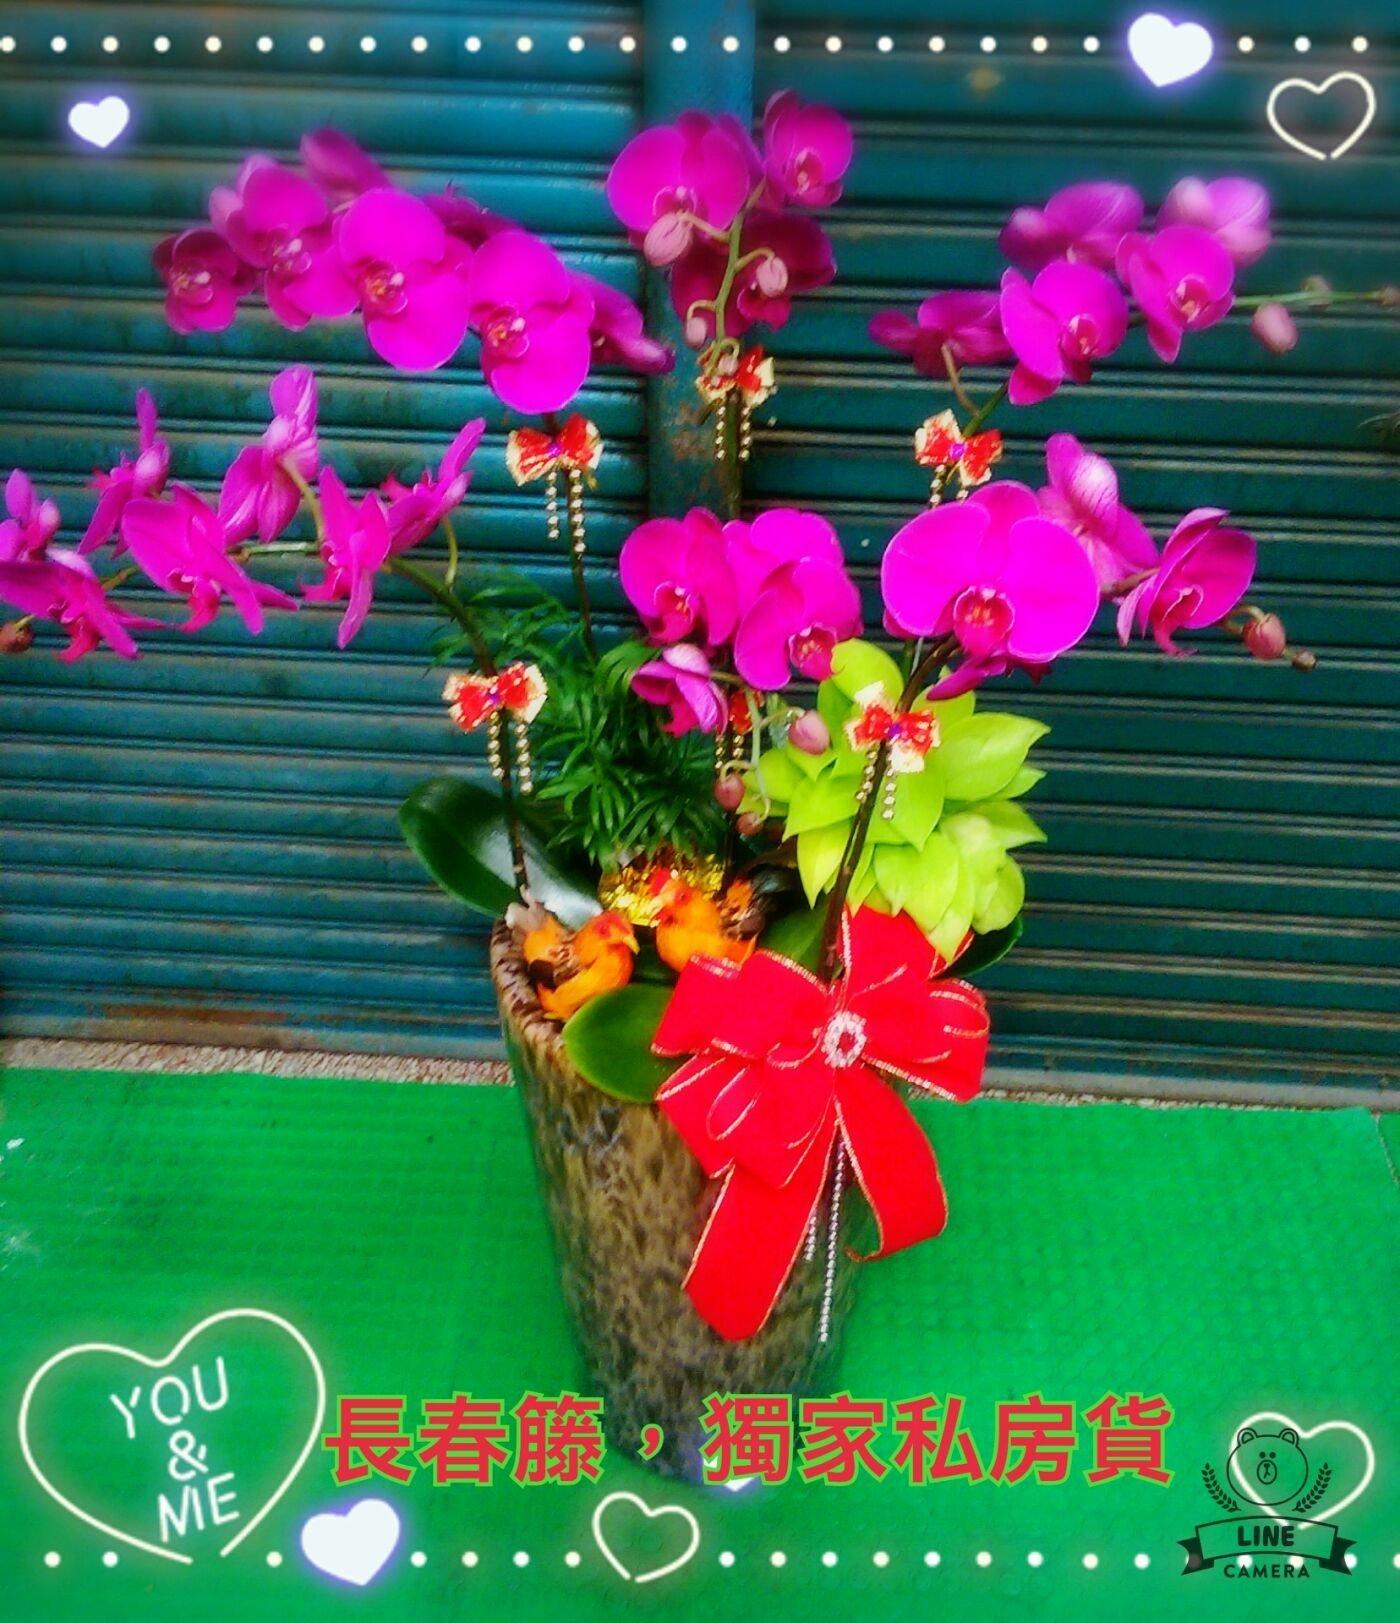 開幕,祝賀,新居落成,立地式6株蘭花 盆 2500